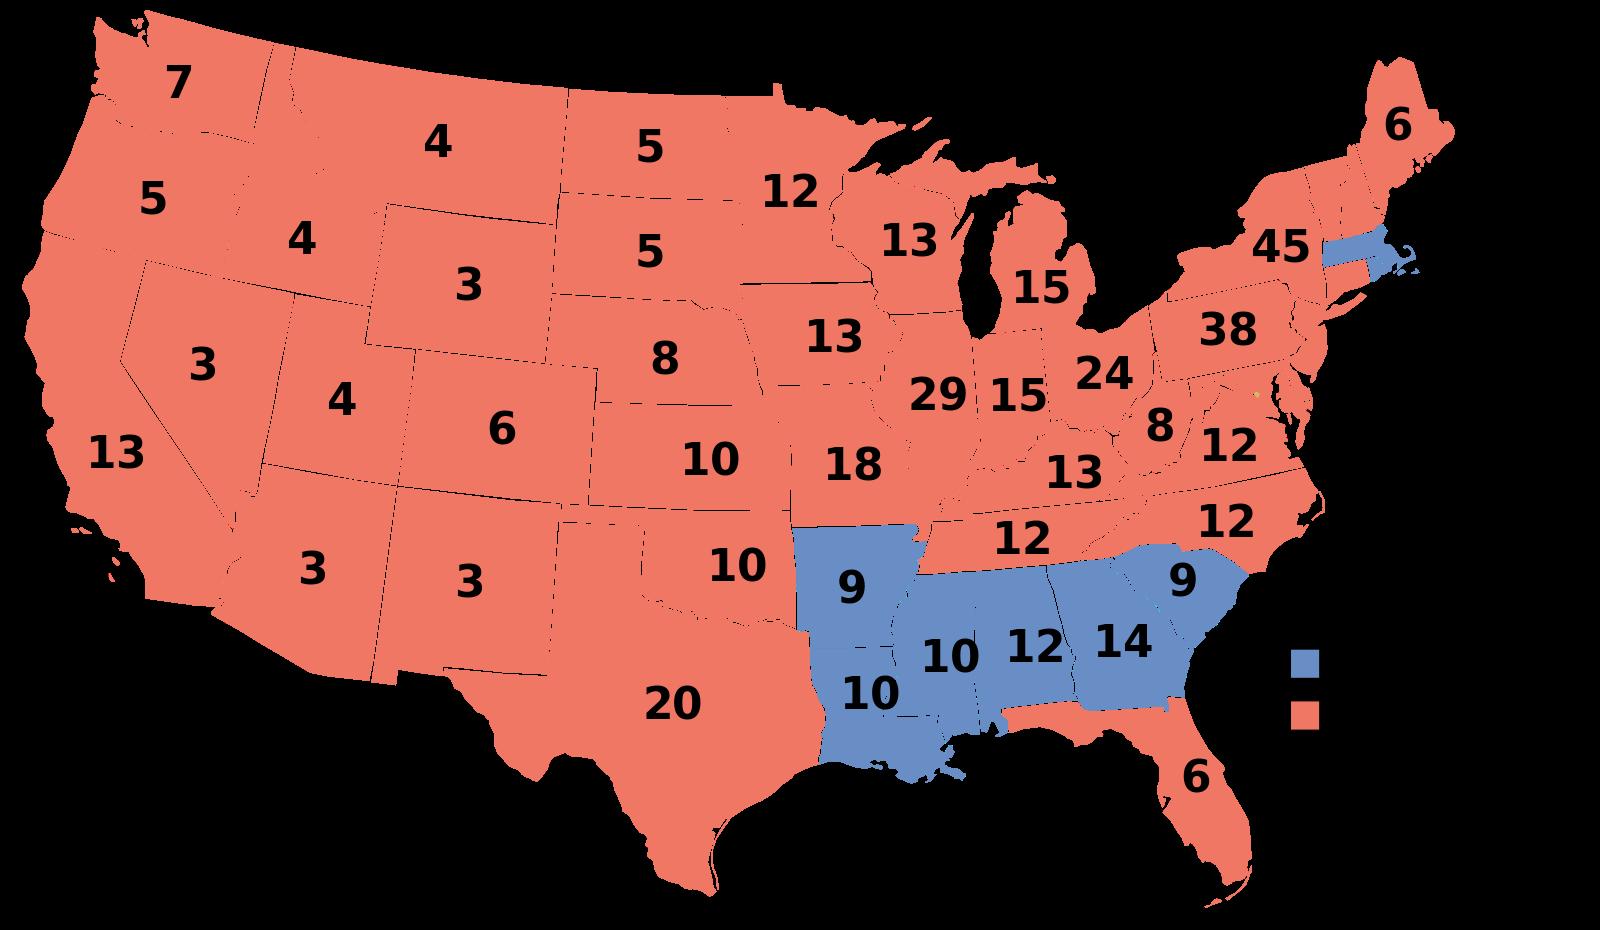 Electoral vote results, 1928